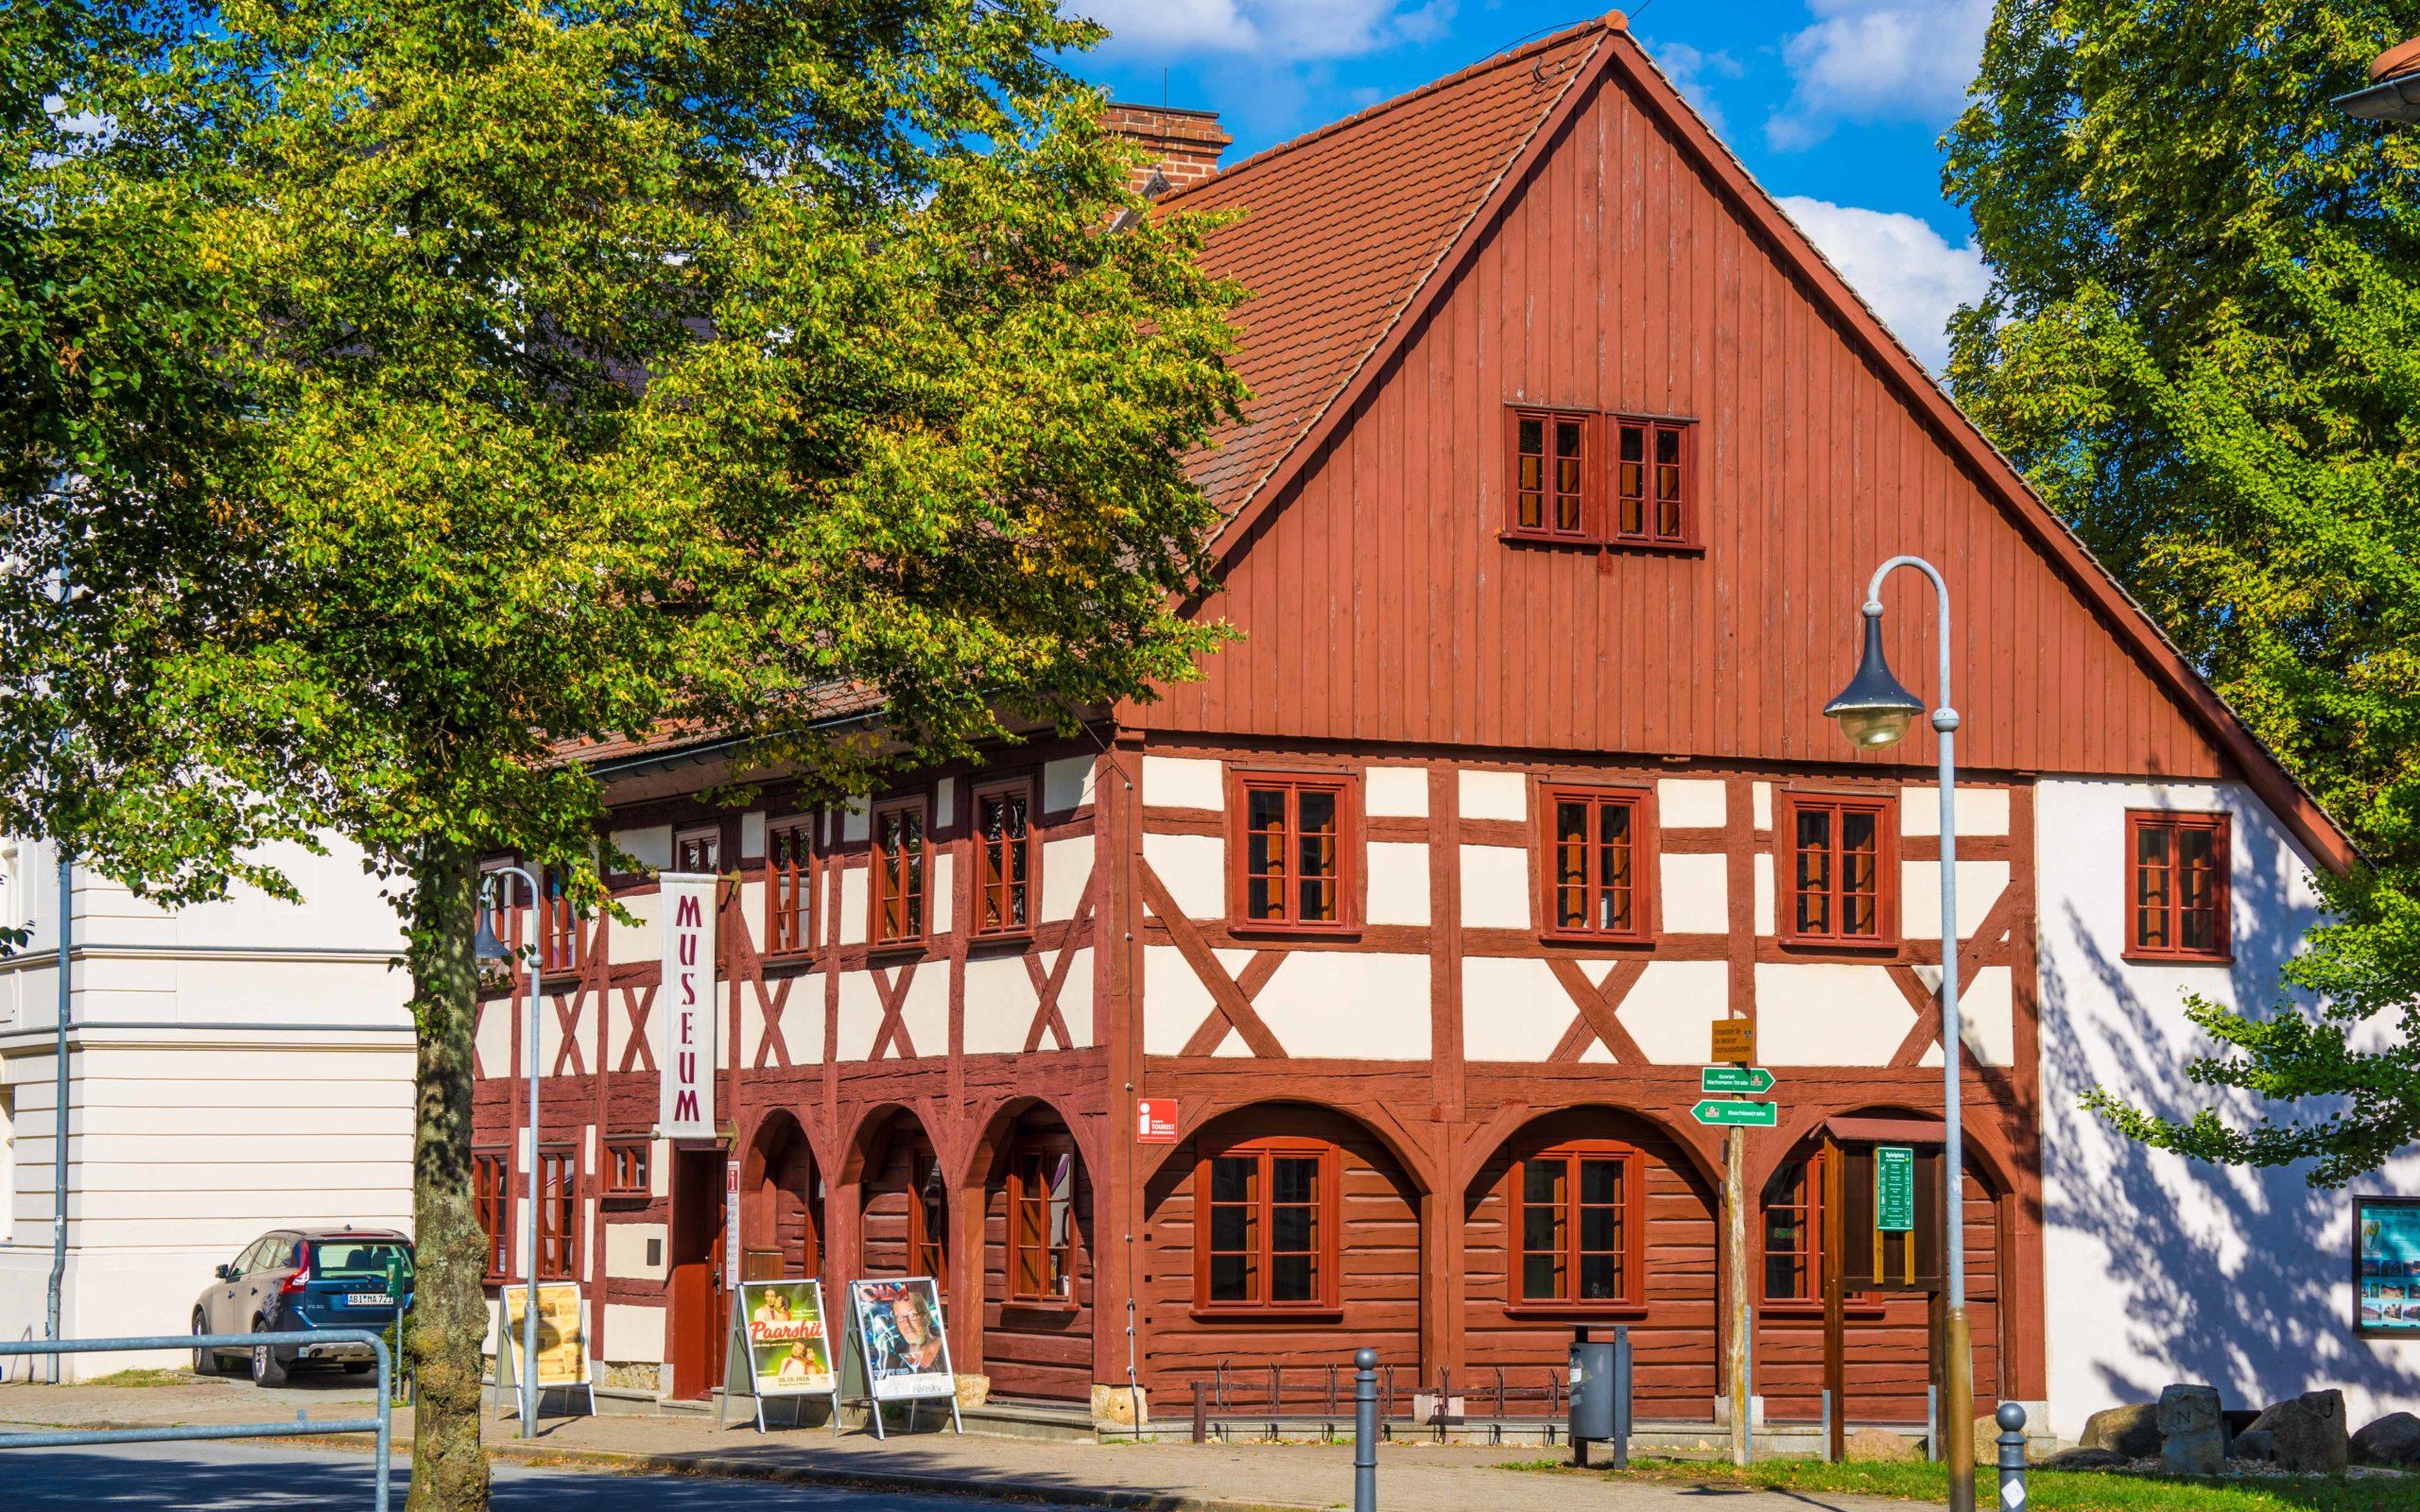 Oberlausitz, Niesky (sorbisch: Nizka), Johann-Raschke-Haus, das älteste Haus der Stadt (erbaut als Umgebindekonstruktion 1742)